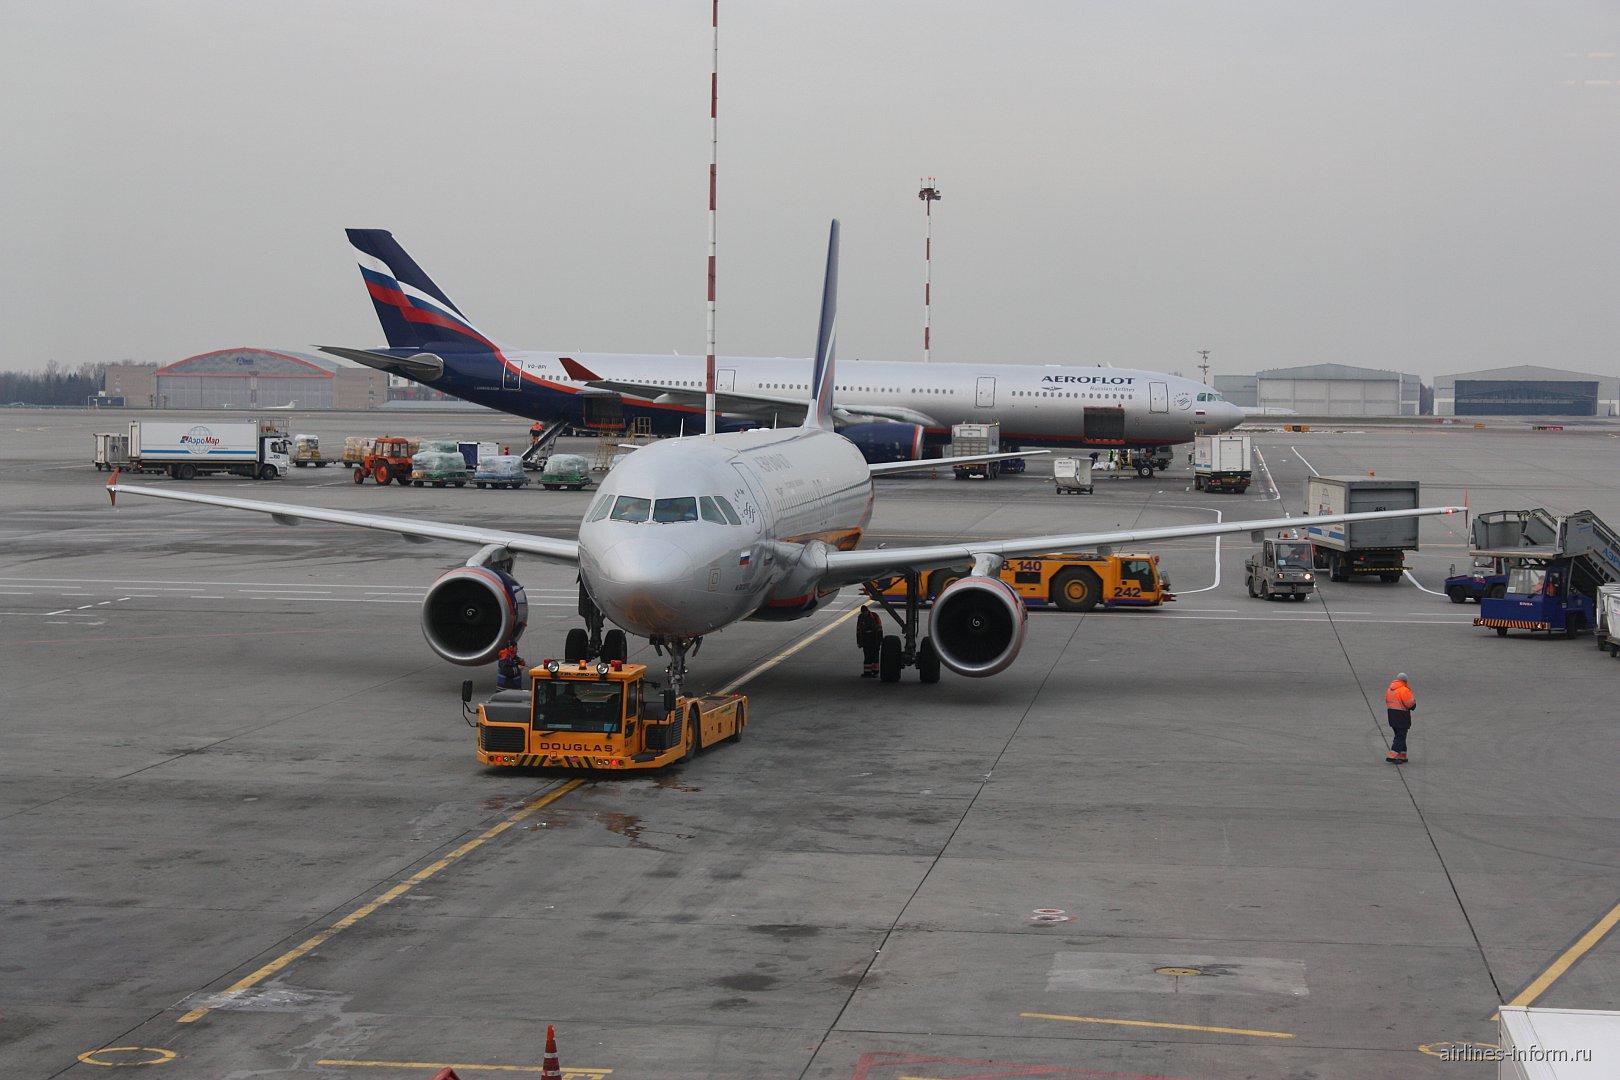 Самолет Airbus A320 Аэрофлота в аэропорту Шереметьево